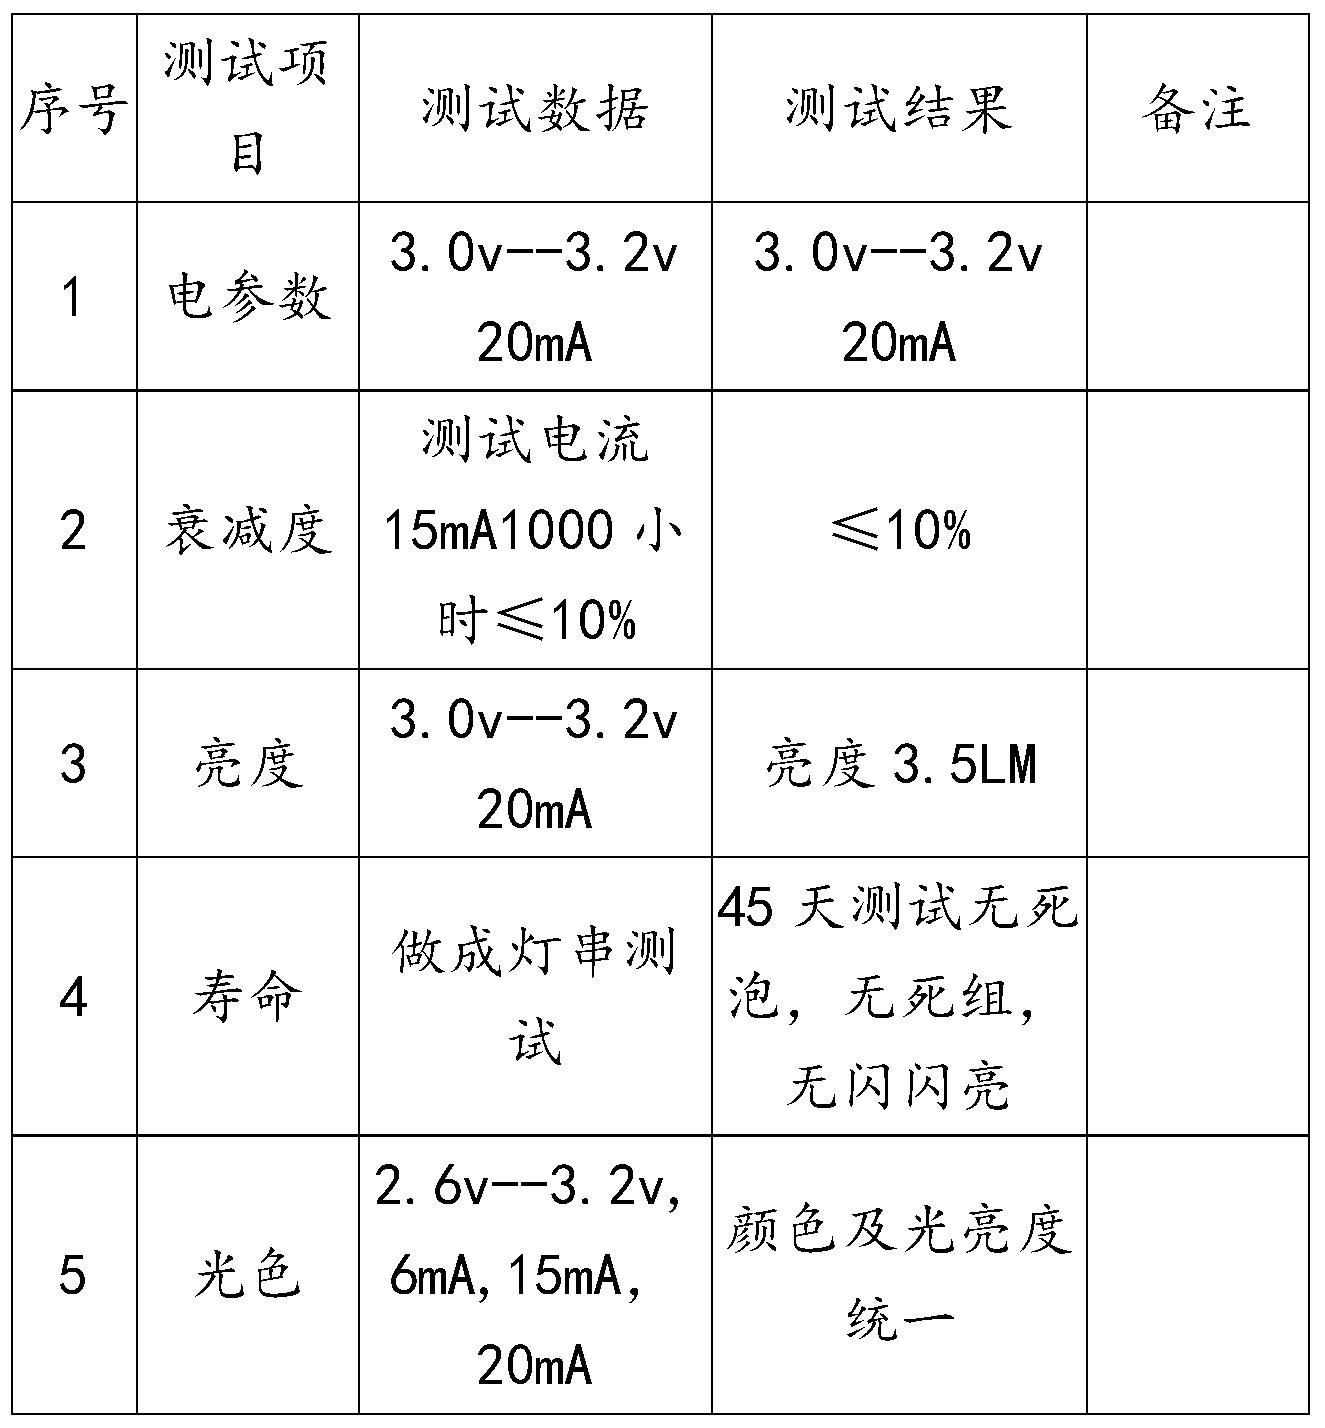 Figure PCTCN2018115115-appb-000001